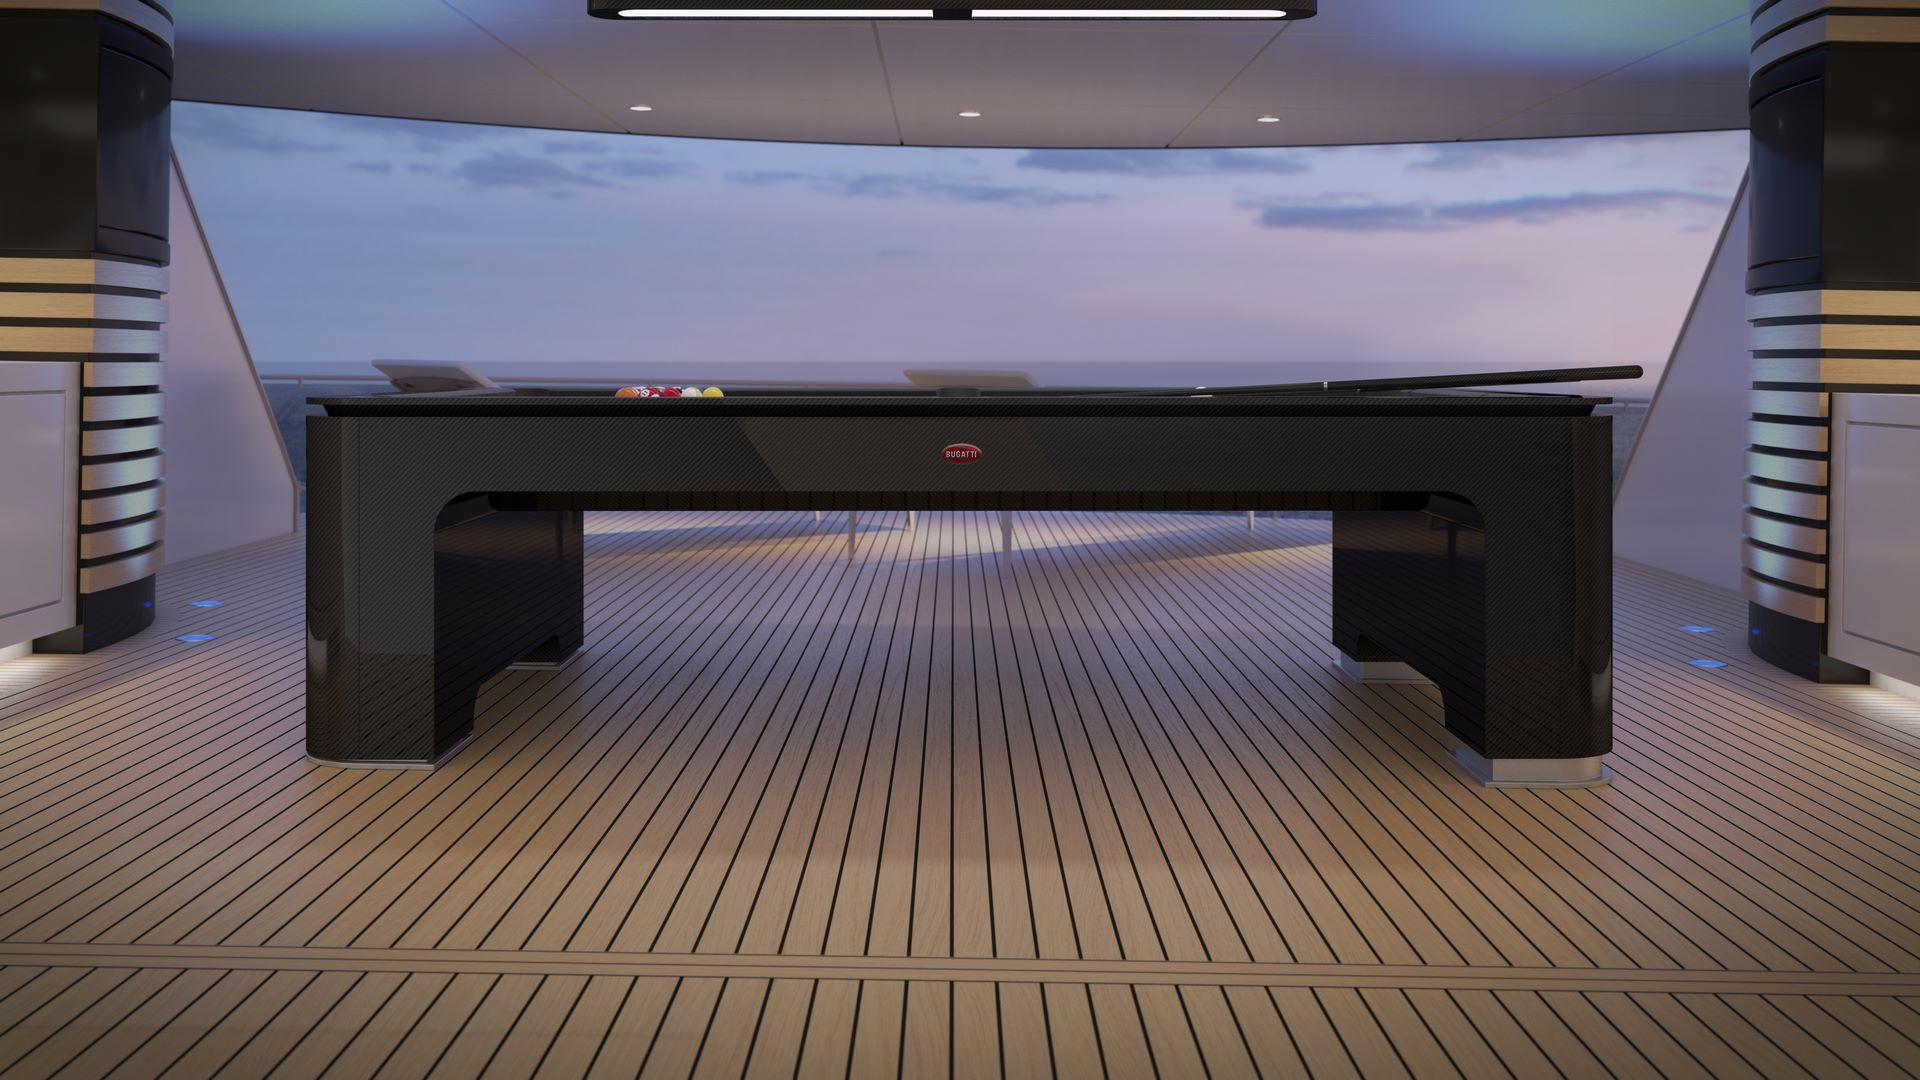 Bugatti-pool-table-1